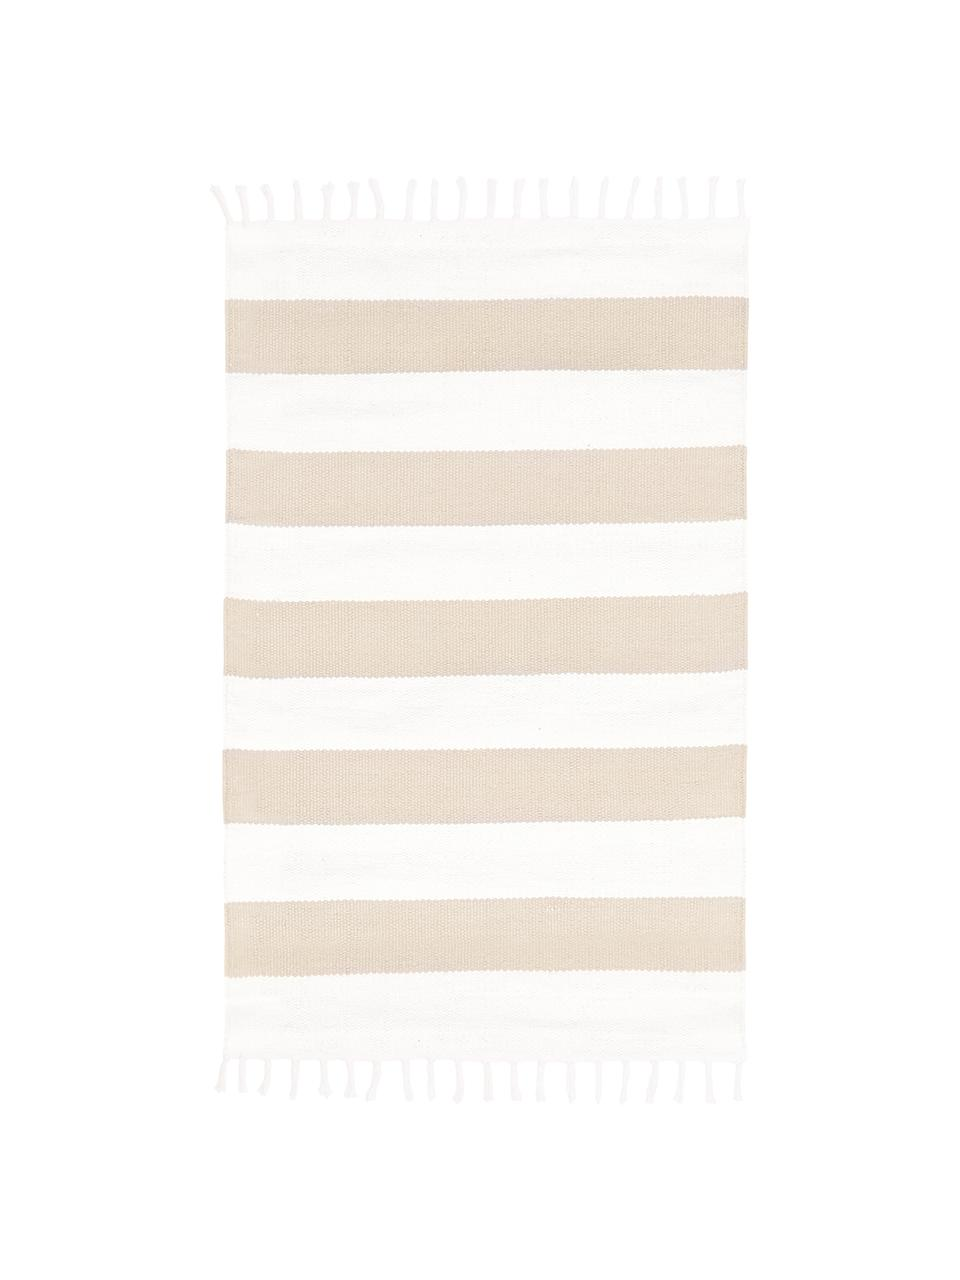 Ręcznie tkany dywan z bawełny Blocker, 100% bawełna, Beżowy, S 200 x D 300 cm (Rozmiar L)